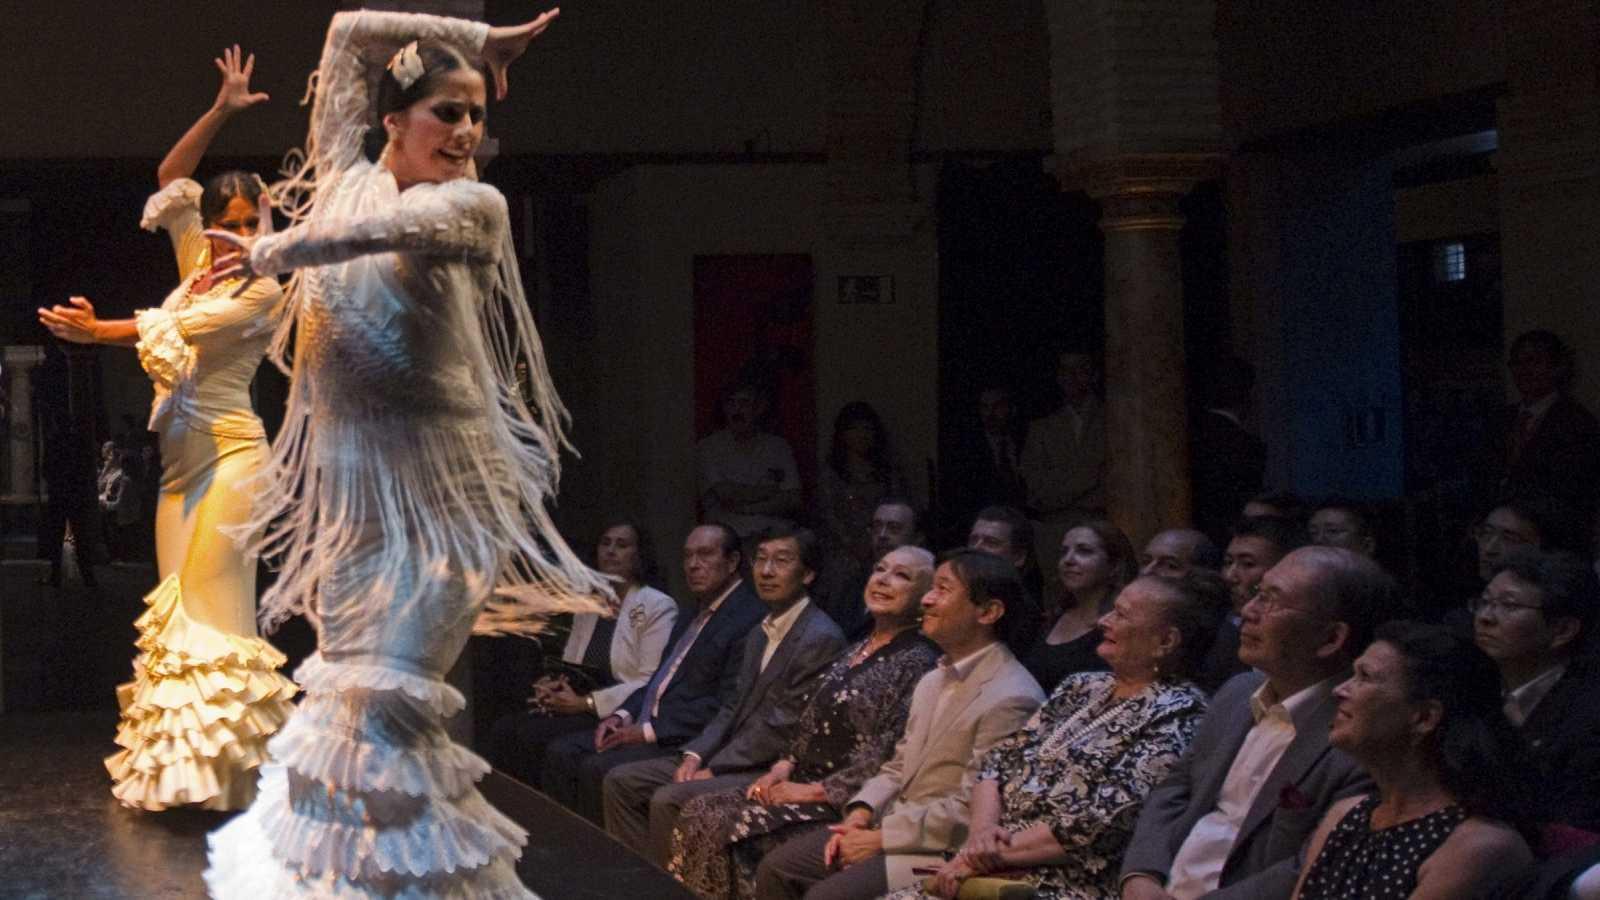 El flamenco, un referente cultural, afectado por el coronavirus